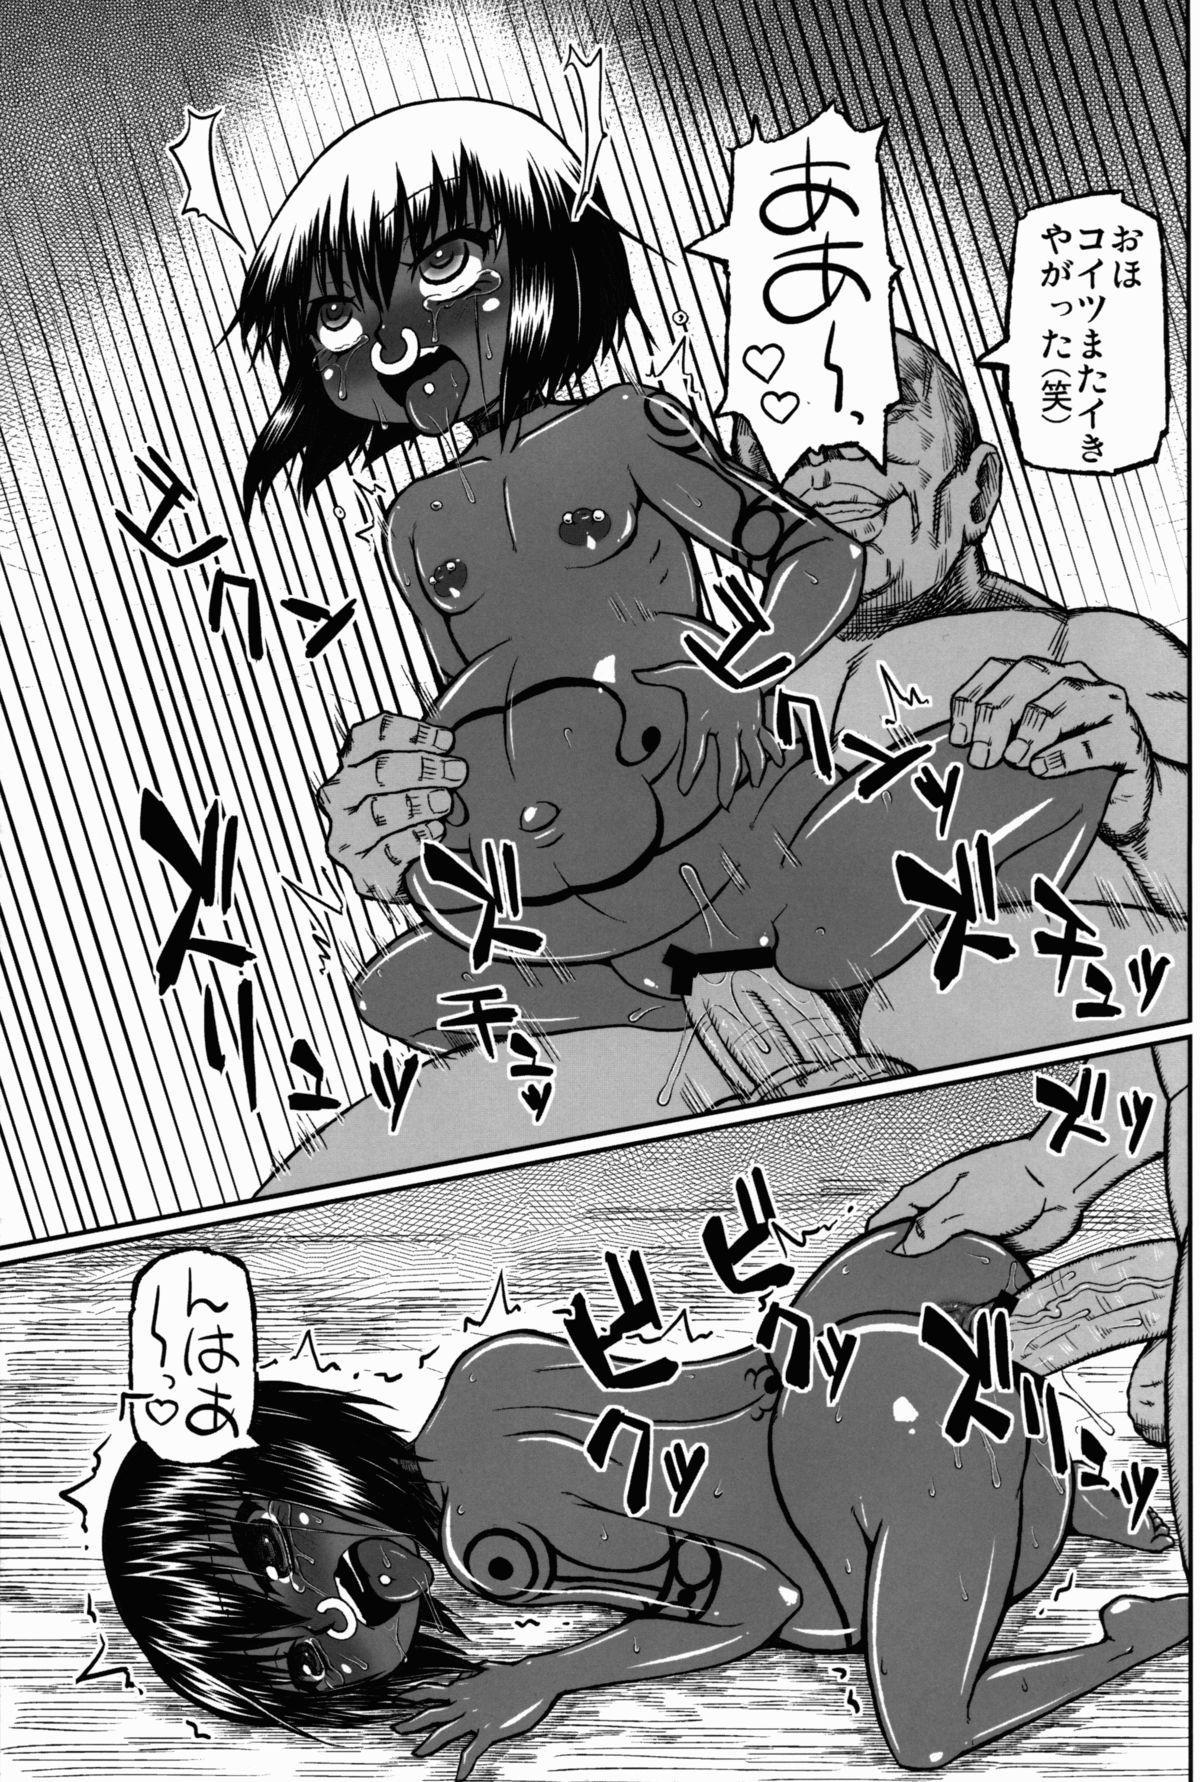 Asako the hard 10